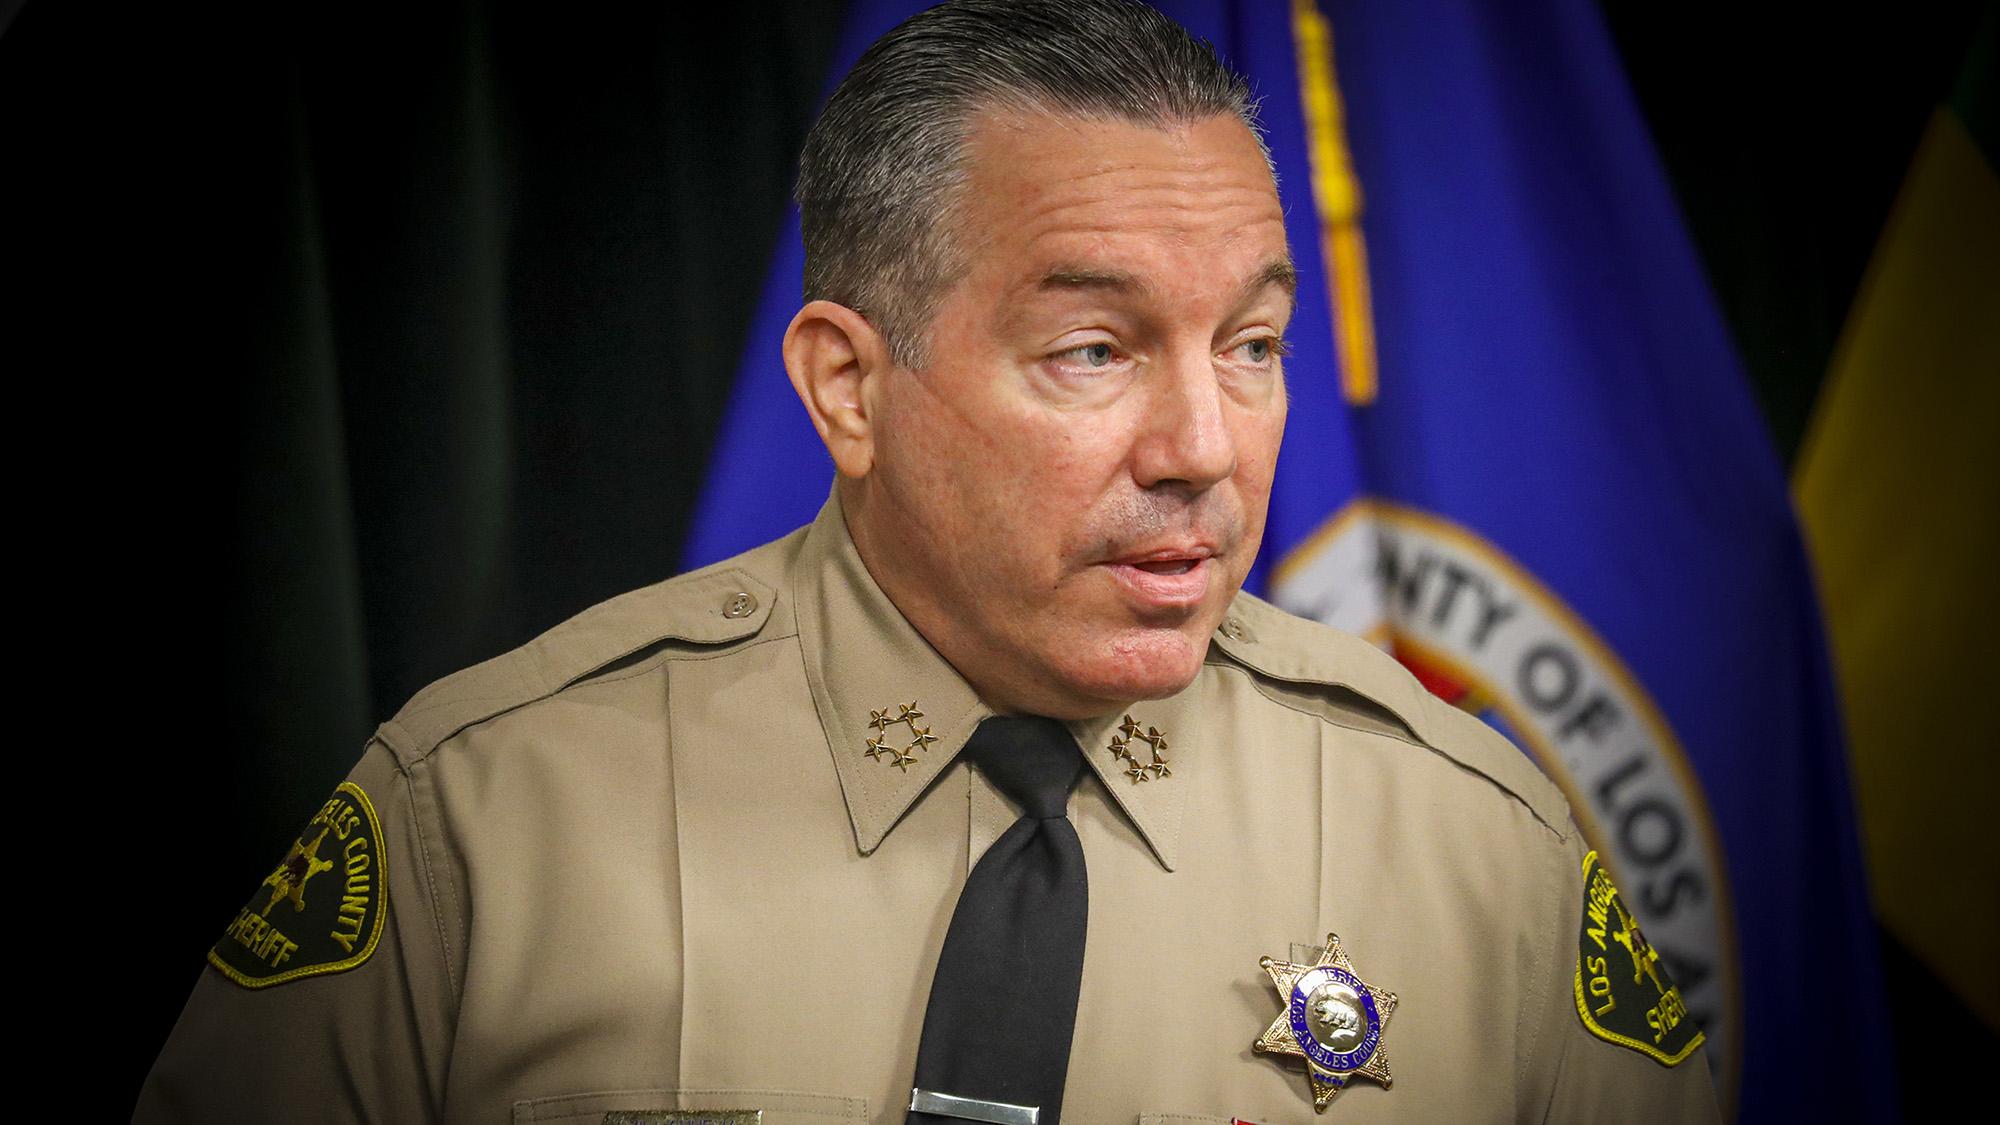 LA County Sheriff Faces Contempt Hearing Over Civilian Board Subpoena Spat